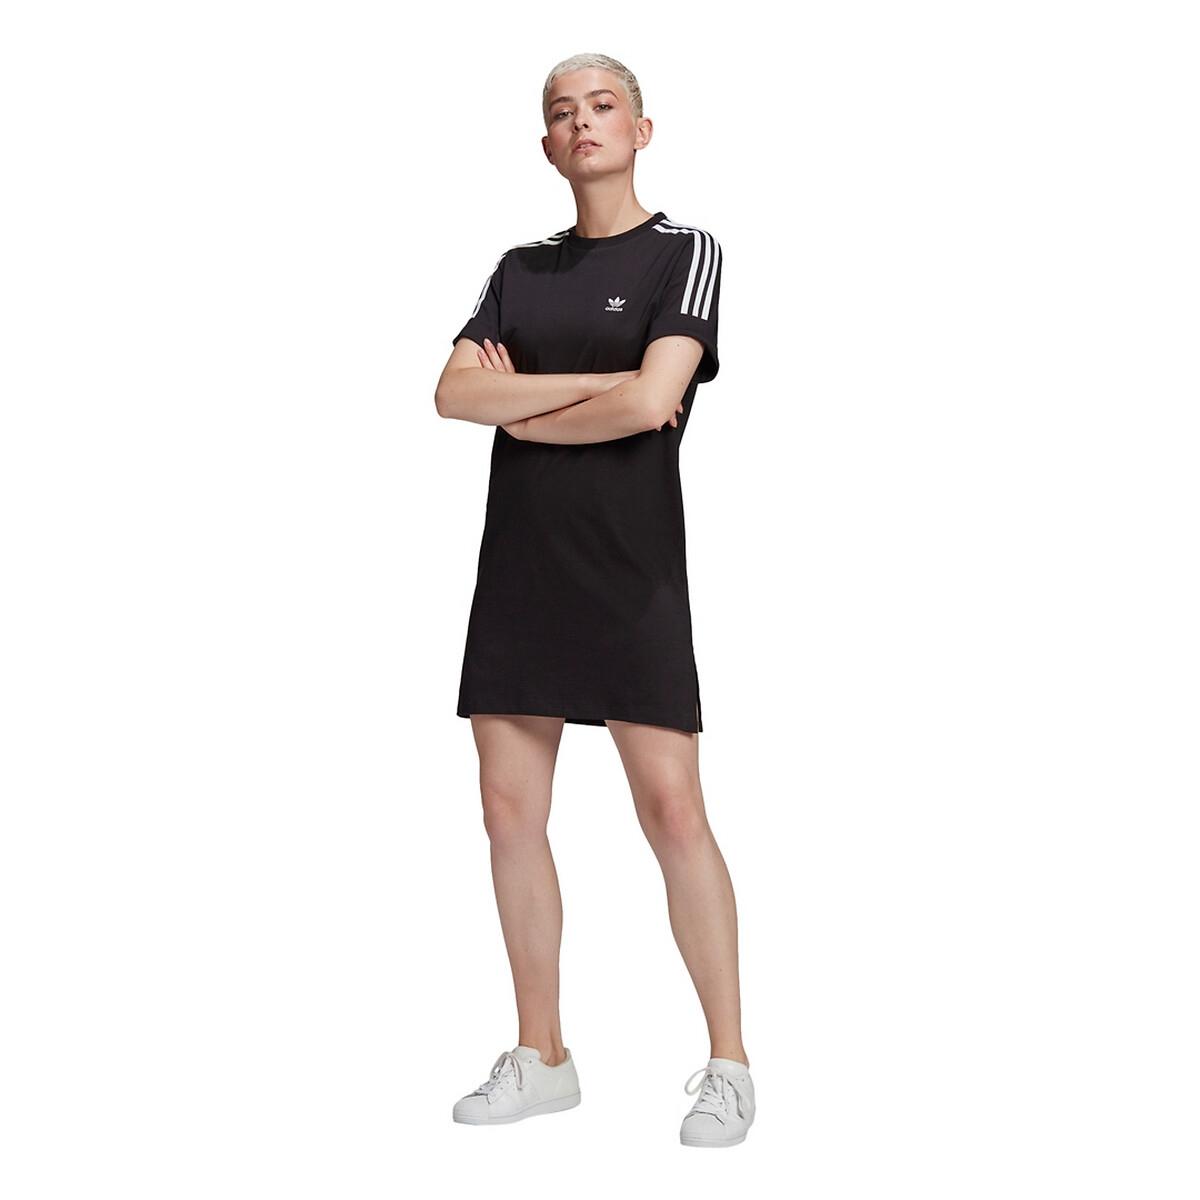 ADIDAS - Adidas Originals Vestido tipo t-shirt com listas e logótipo